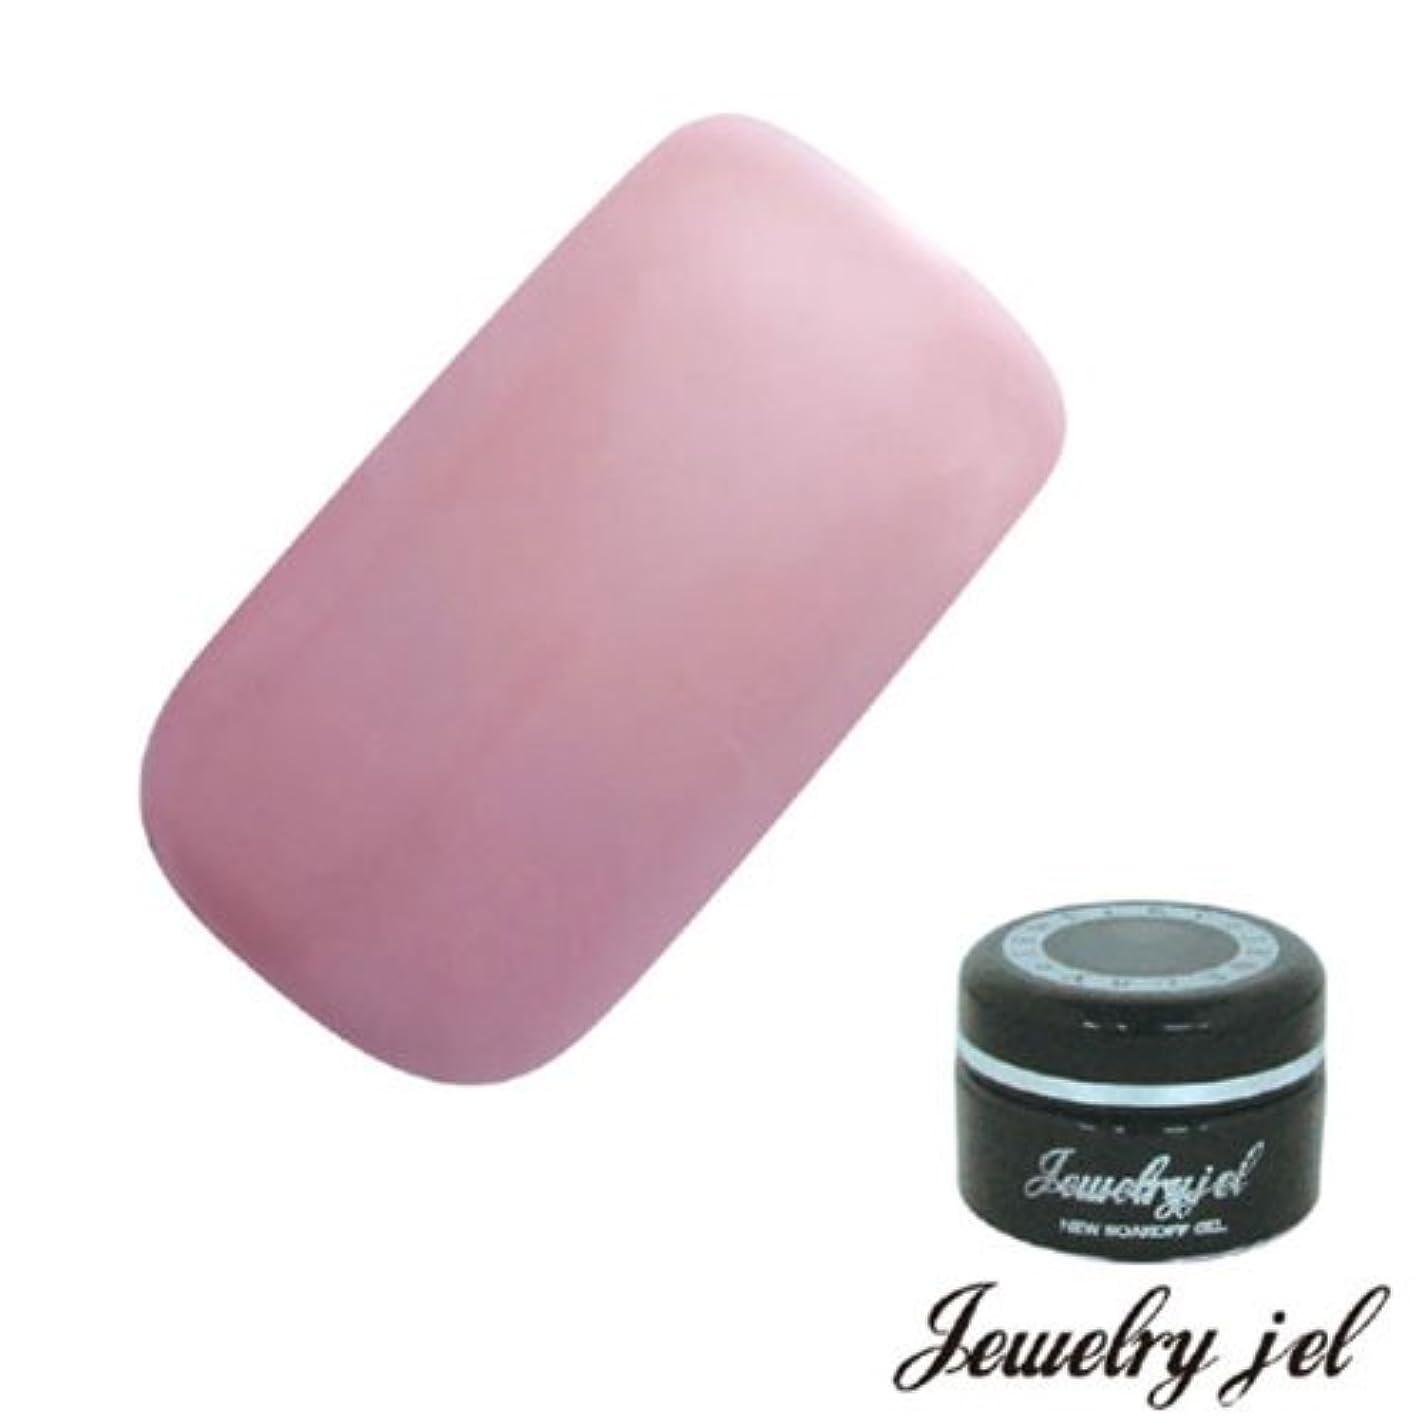 チャームパスタ提出するジュエリージェル ジェルネイル カラージェル OP106 3.5g ピンク シアーマット UV/LED対応  ソークオフジェル ピーチベージュ